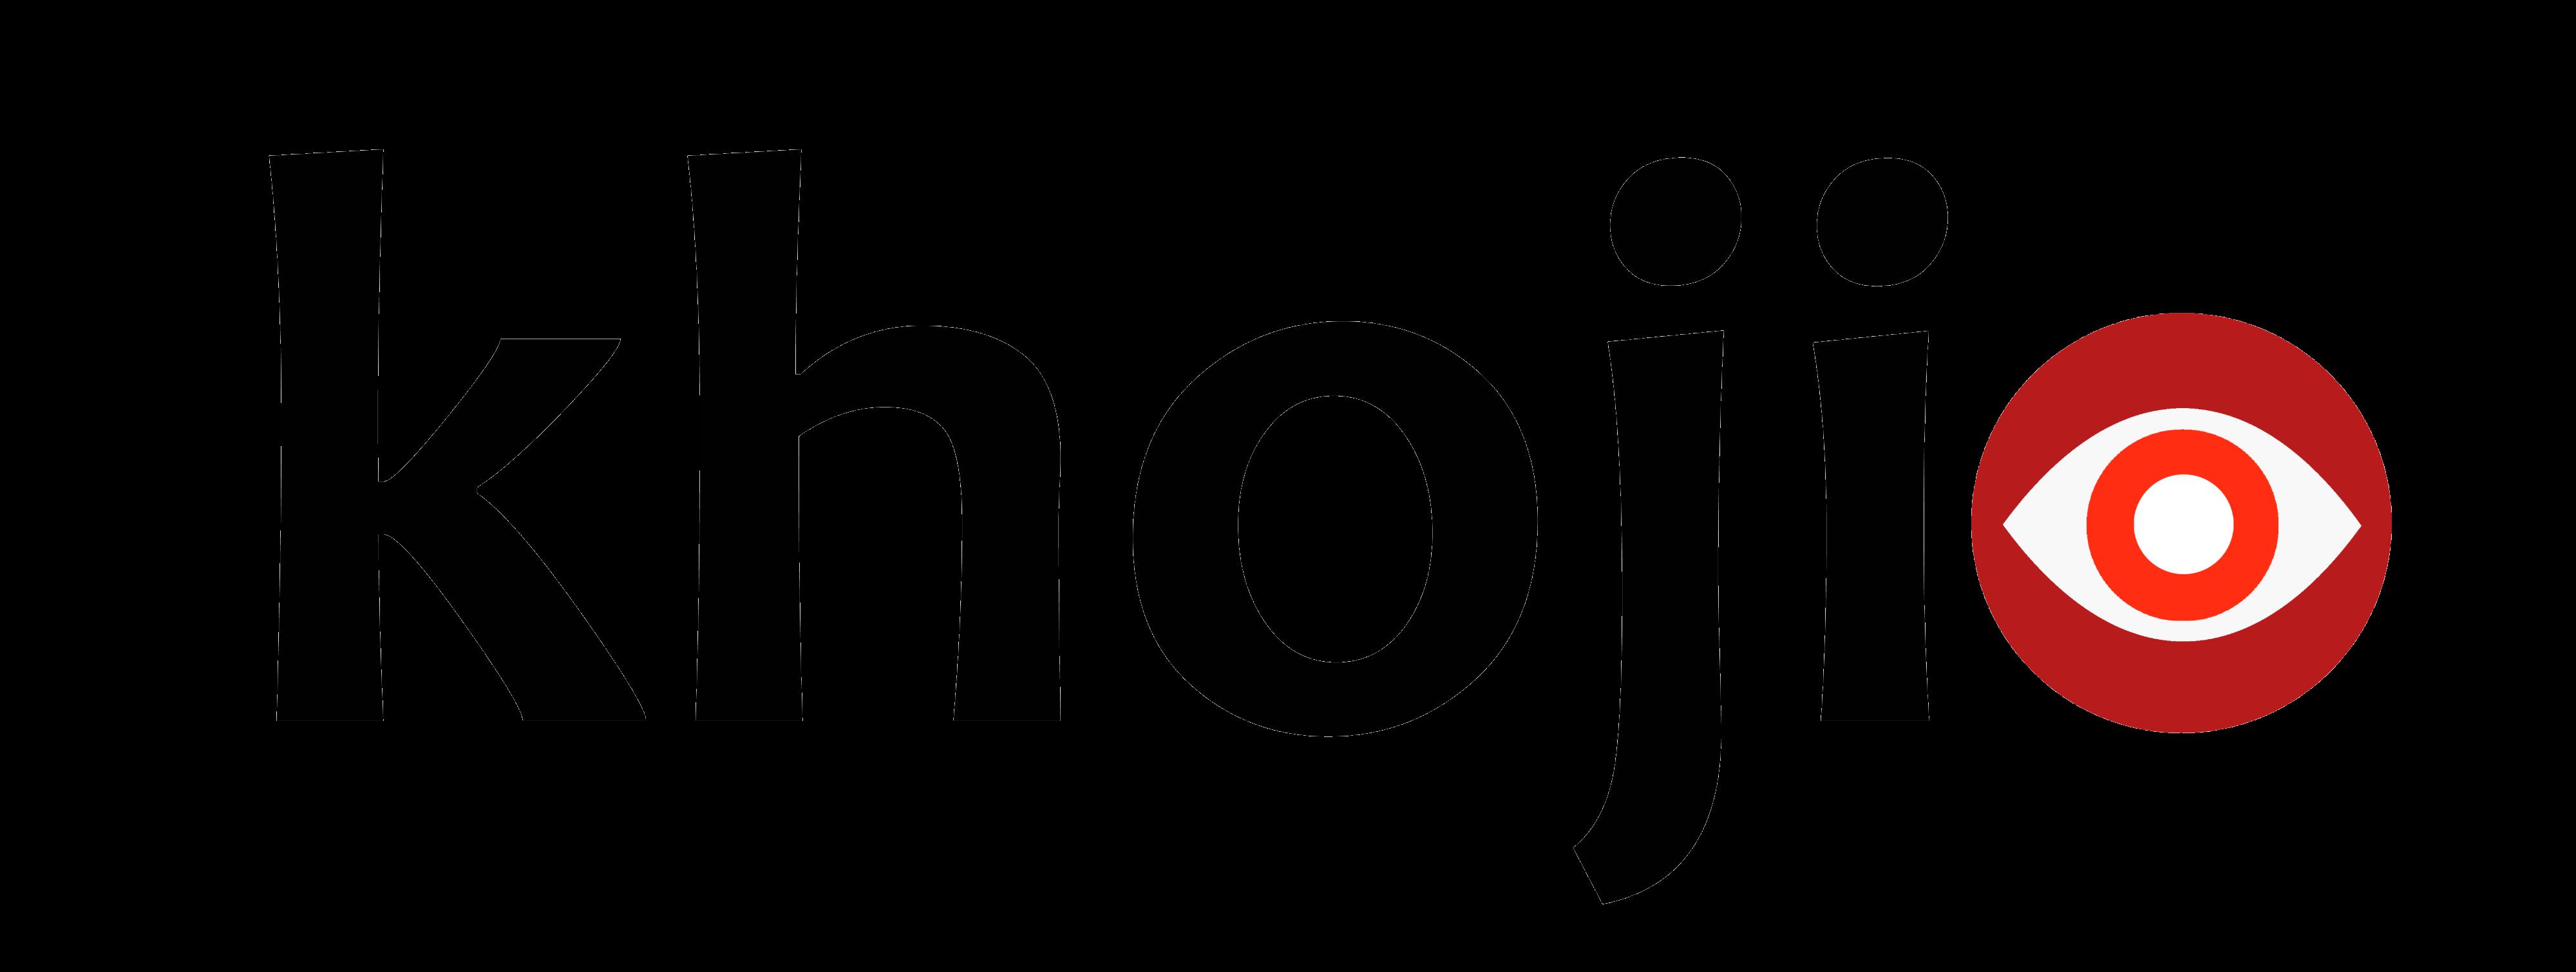 khojio_transparent